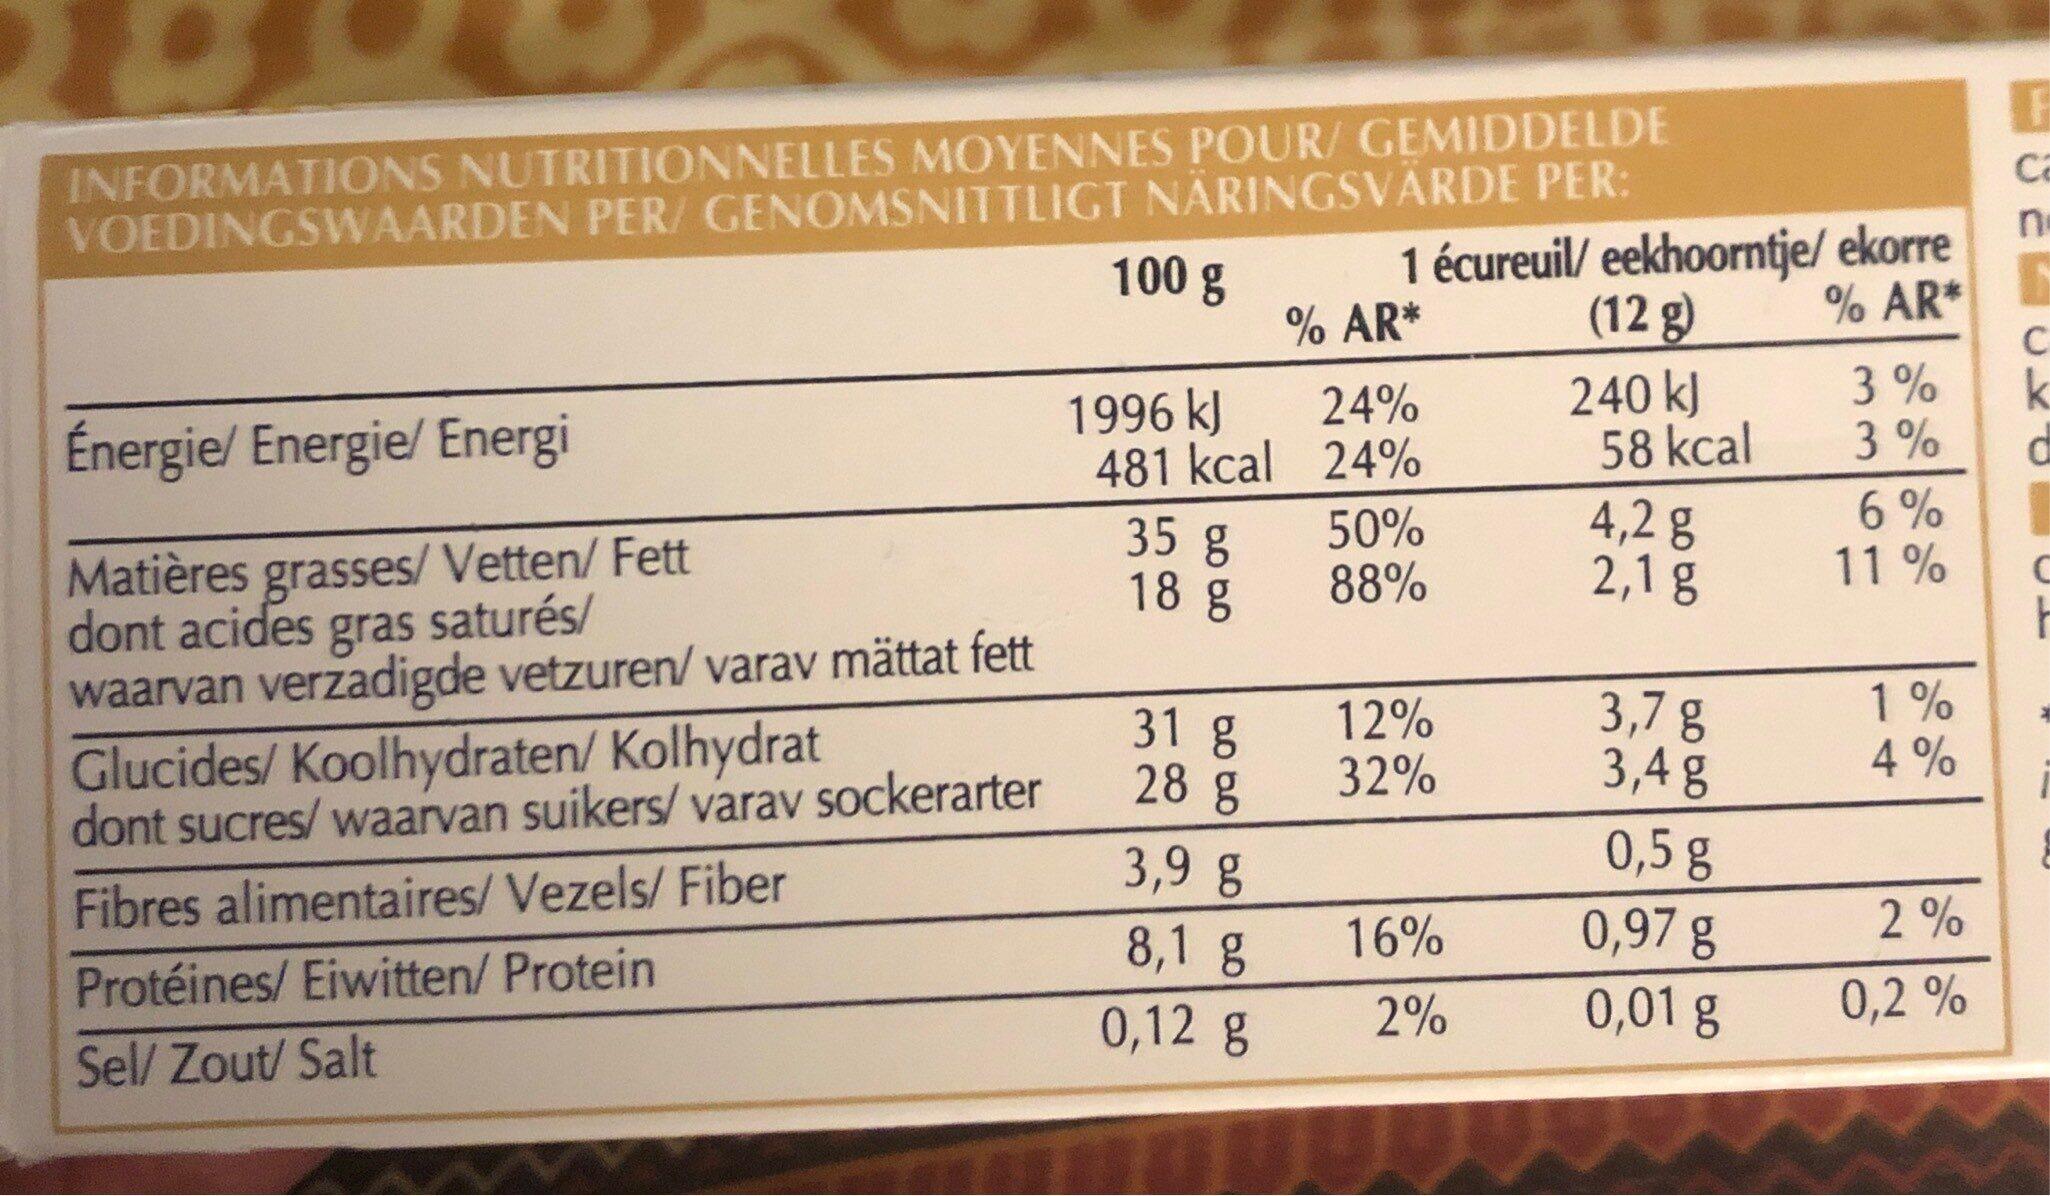 Ecureuil chocolat noisette - Nutrition facts